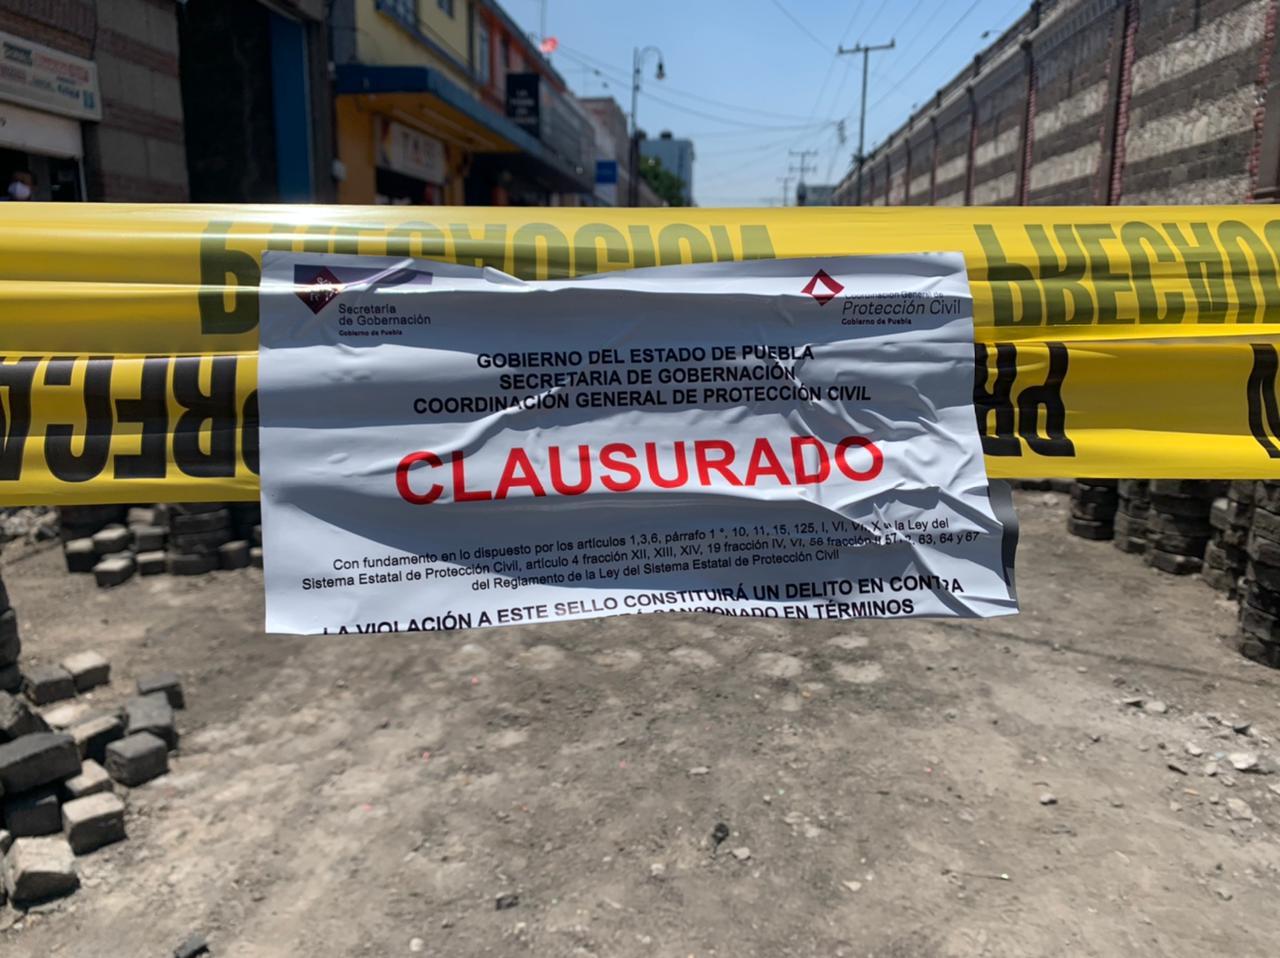 Clausura de obras del Ayuntamiento, por incumplir con permisos: Manrique